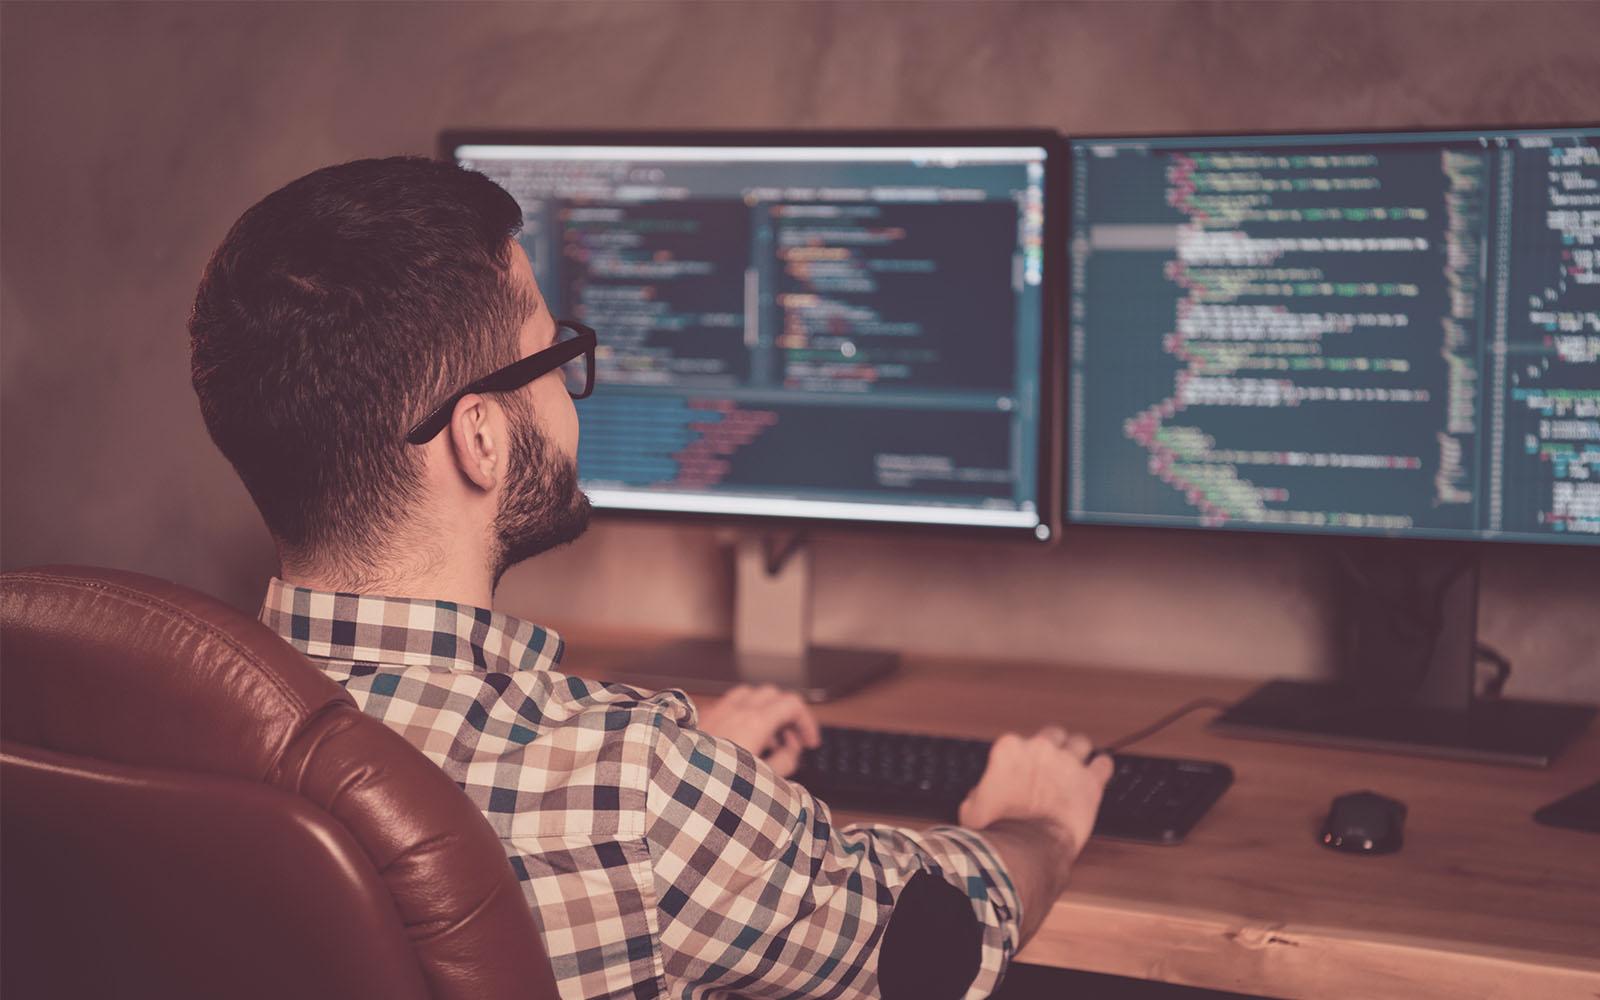 Ciberseguridad en tu empresa: ESED Defense, tu sistema siempre seguro